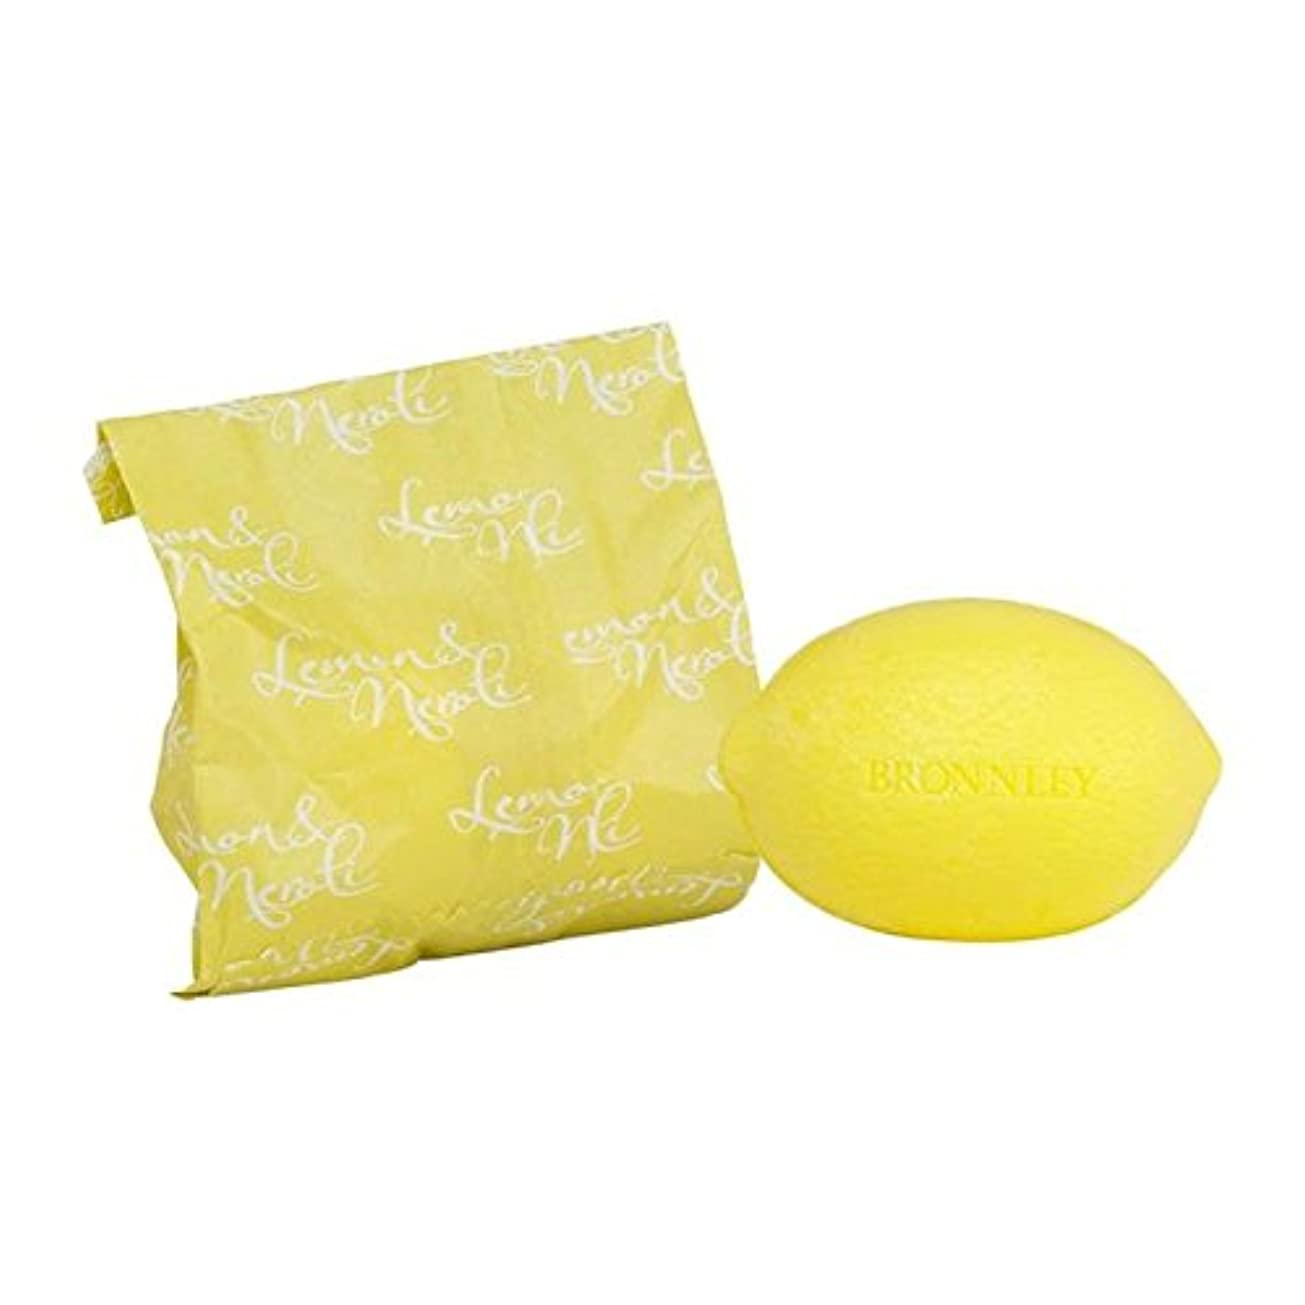 勤勉なと闘うワームBronnley Lemon & Neroli Soap 100g - レモン&ネロリ石鹸100グラム [並行輸入品]